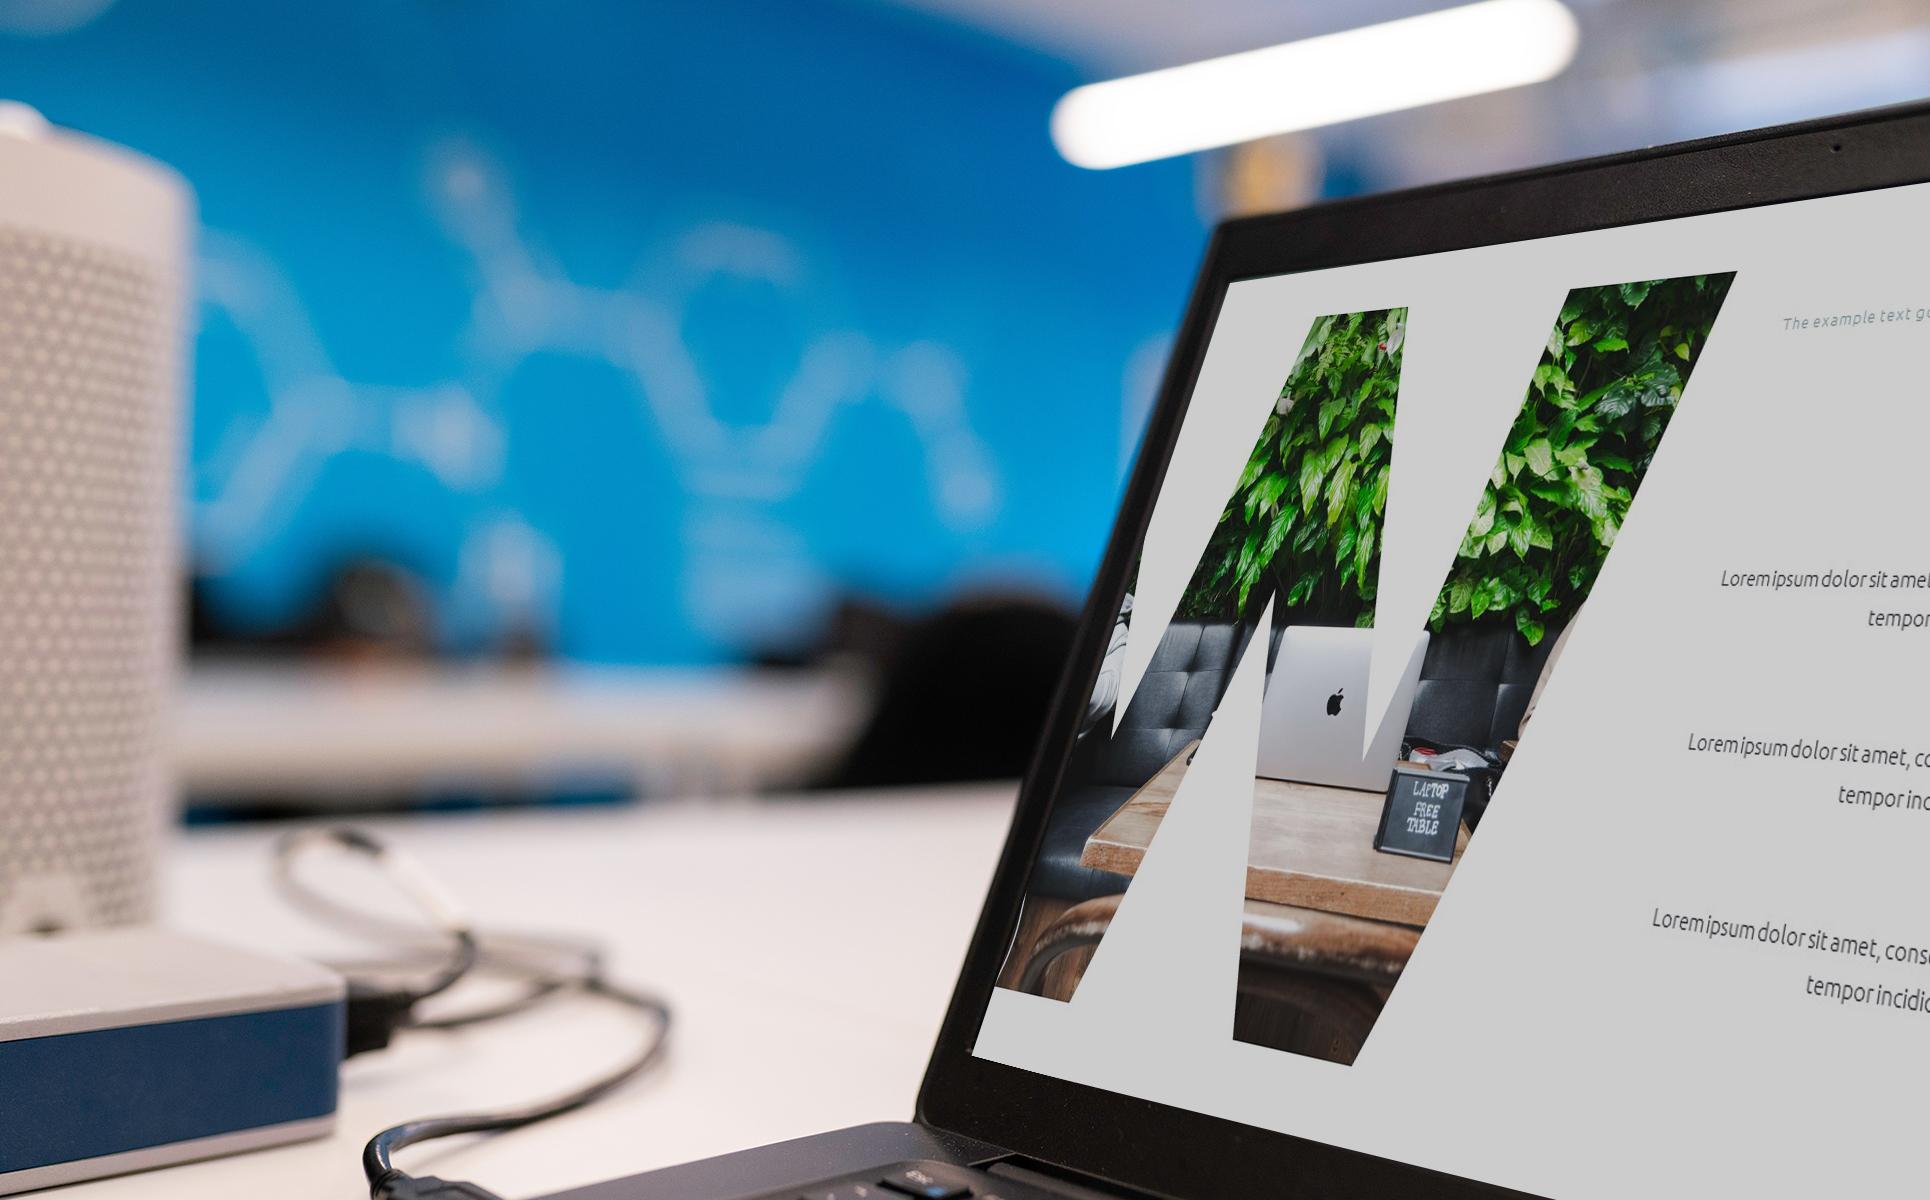 Best SWOT Analysis Template Powerpoint 2021: 40 Unique Slides & 5 Color Schemes - 01